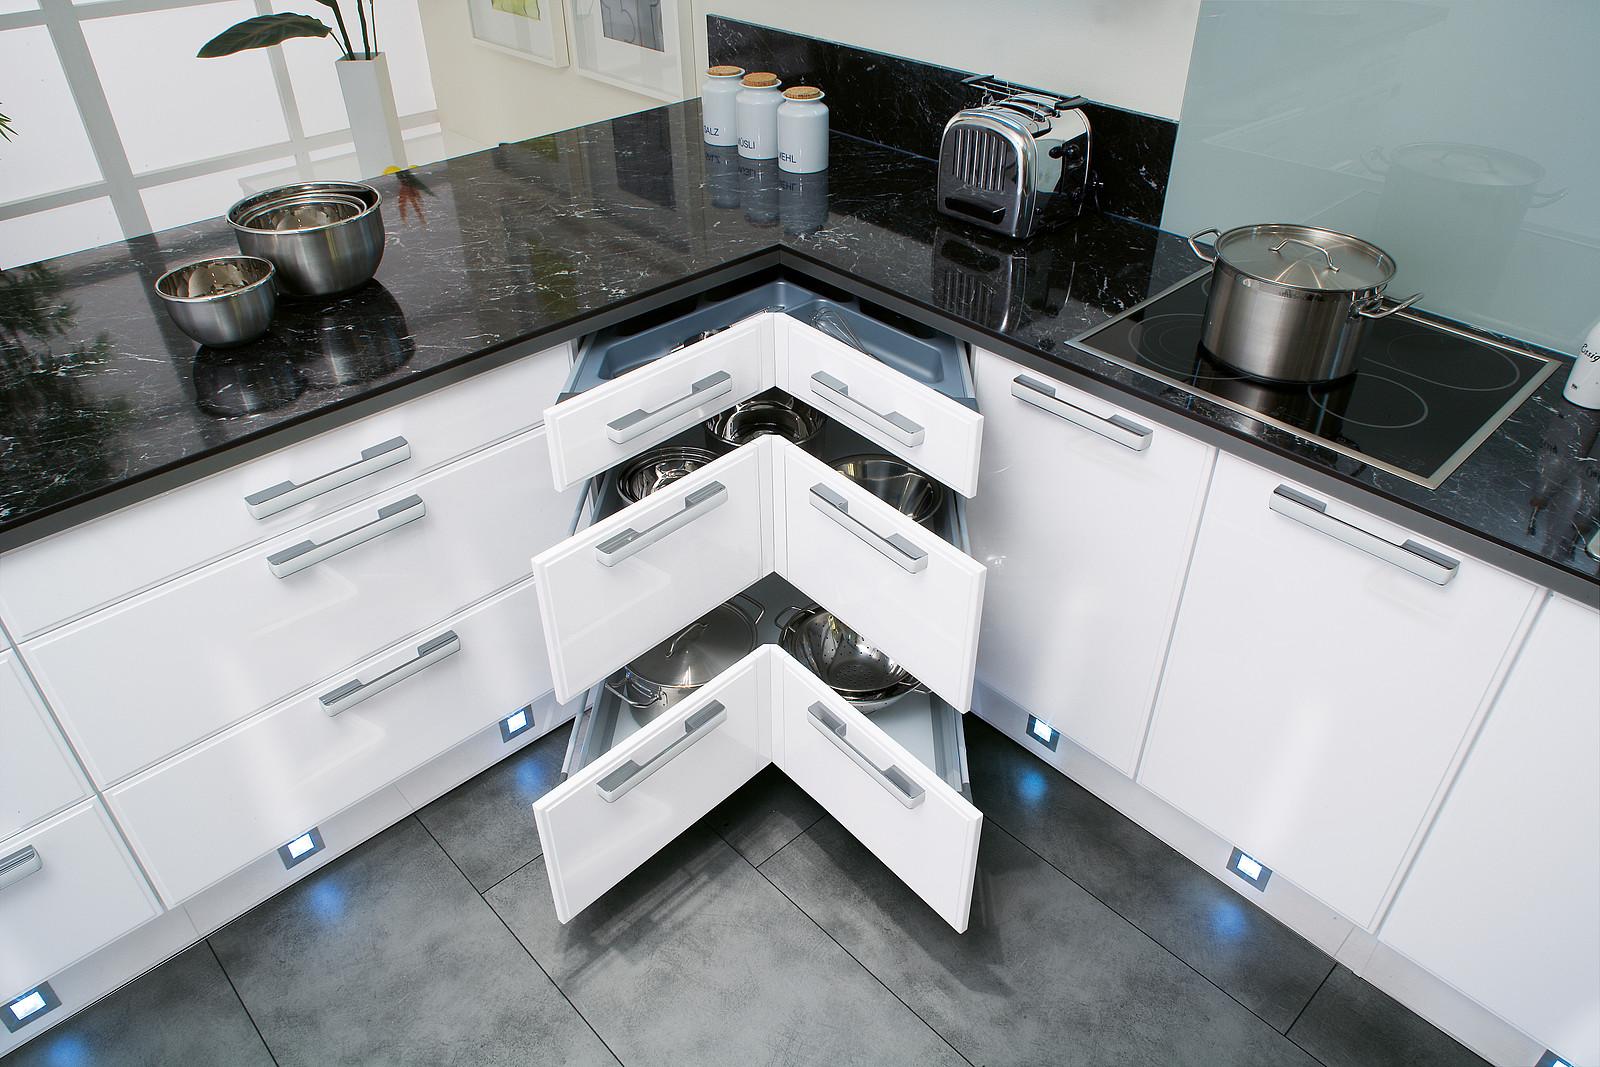 Full Size of Ikea Kche Eckschrank Sple Top Ergebnis 10 Best Preisliste Bild Wohnzimmer Küchenkarussell Blockiert